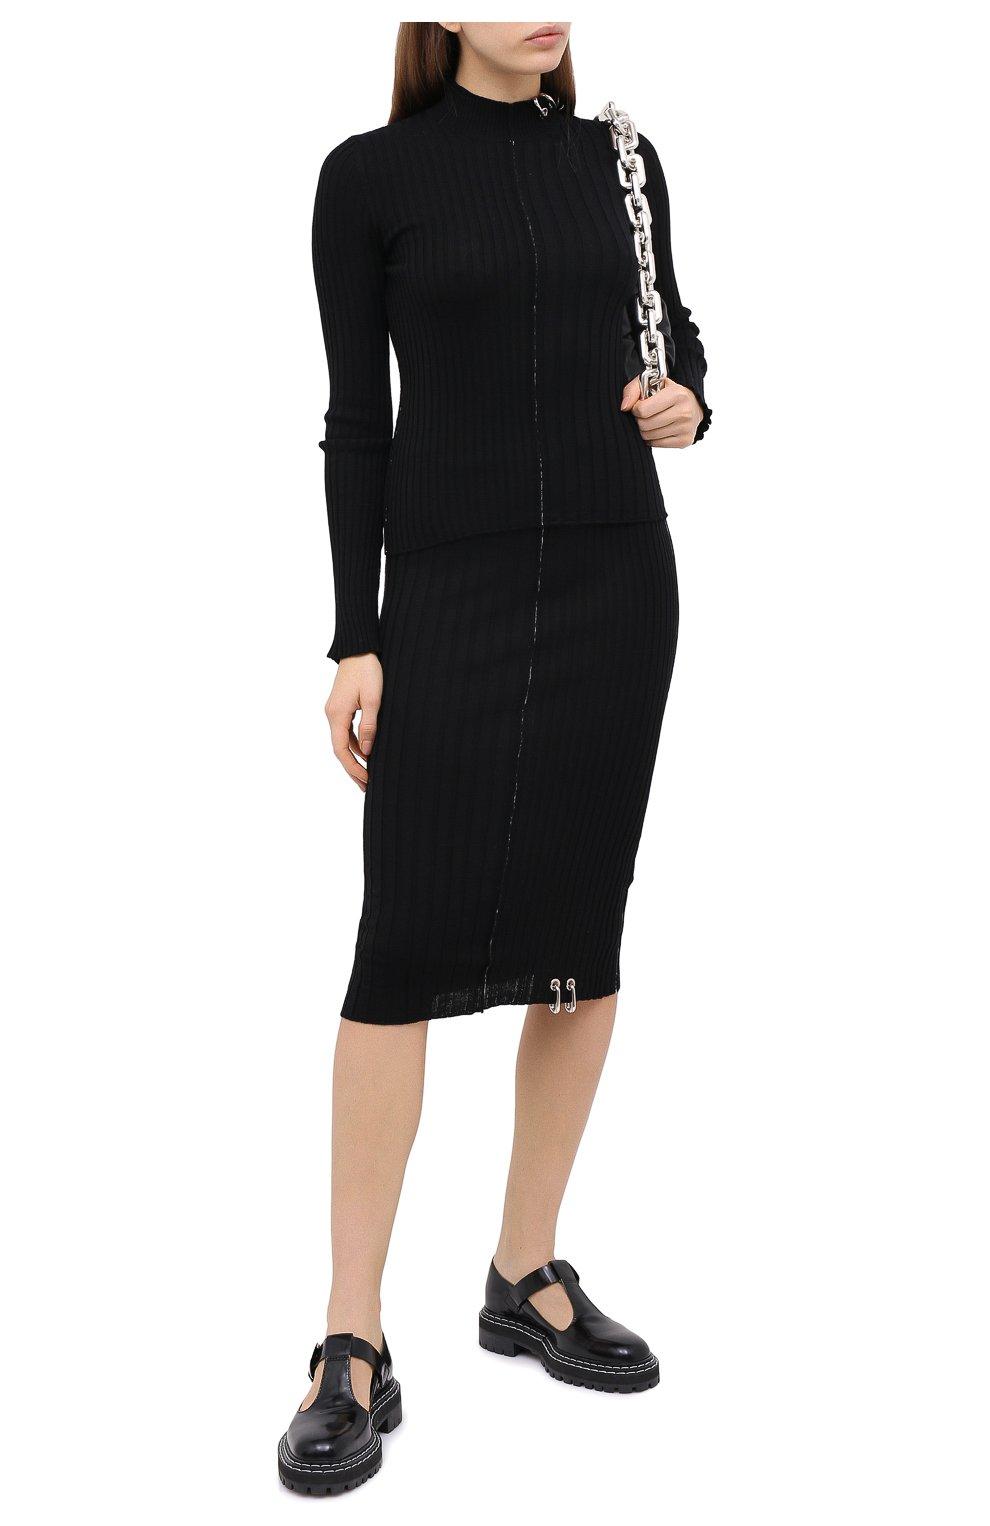 Женская шерстяная юбка ACT N1 черного цвета, арт. PFK2001 | Фото 2 (Материал внешний: Шерсть; Женское Кросс-КТ: Юбка-карандаш; Длина Ж (юбки, платья, шорты): Миди; Стили: Кэжуэл)